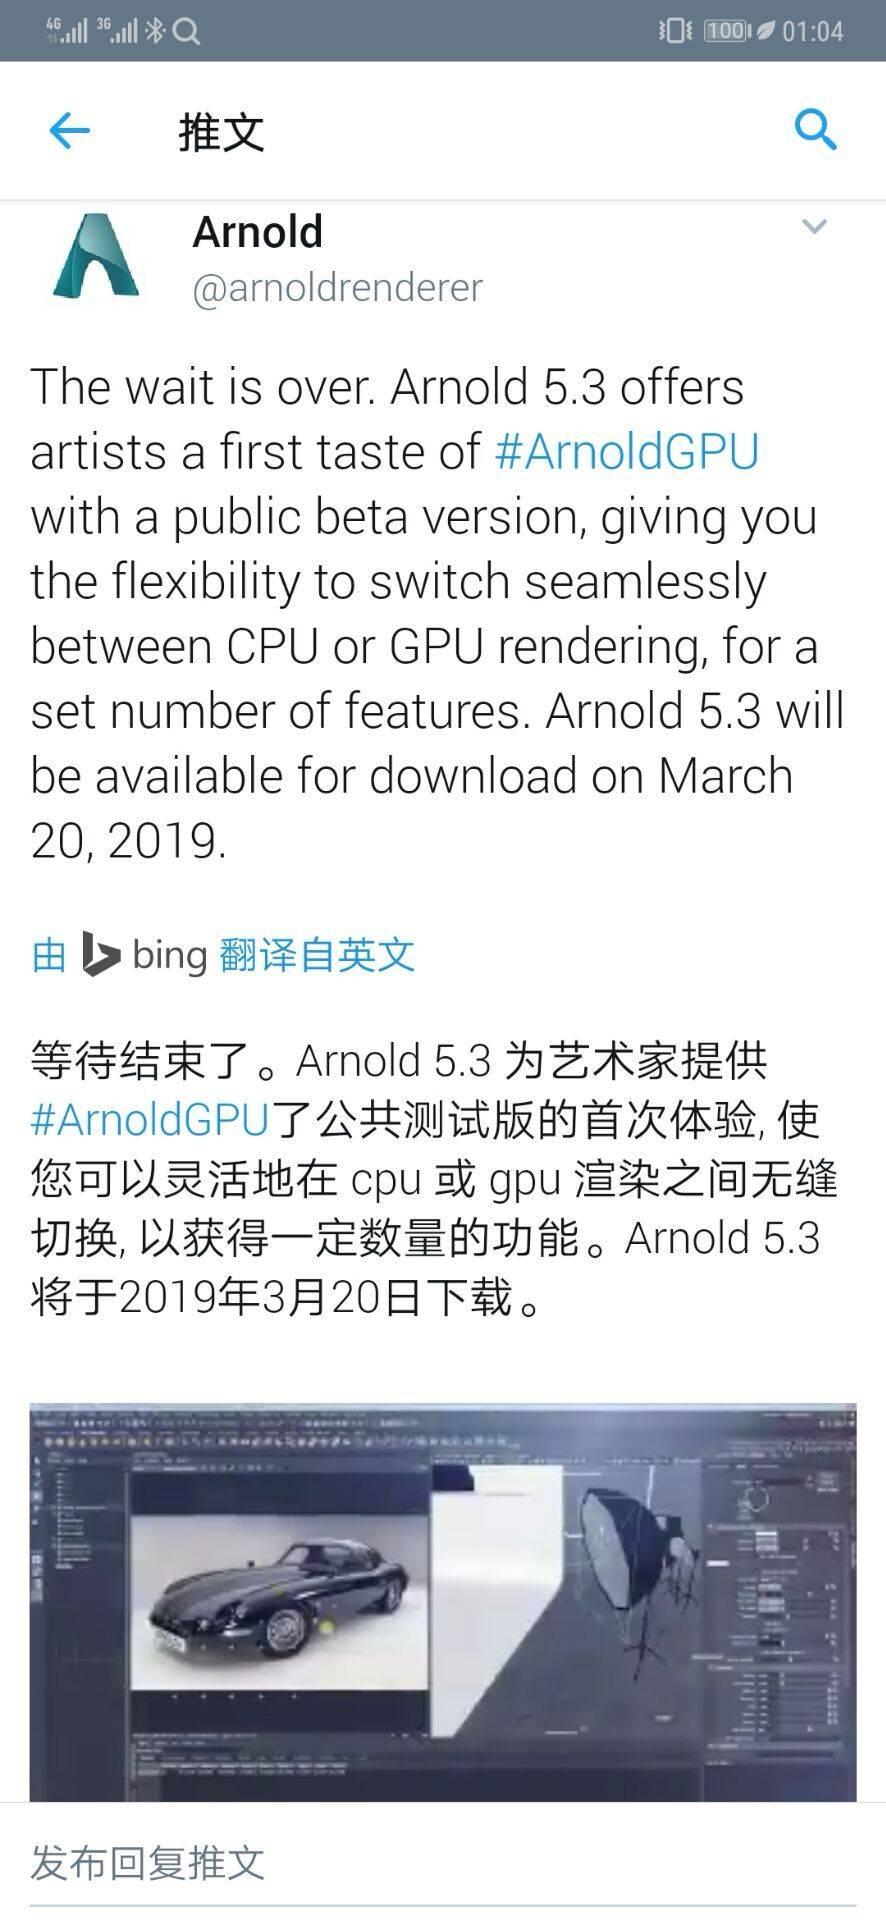 喜大普奔,阿诺德渲染器 Arnold 5.3 GPU 终于来了 最新版本新特性介绍及升级内容! - R站|学习使我快乐! - 1